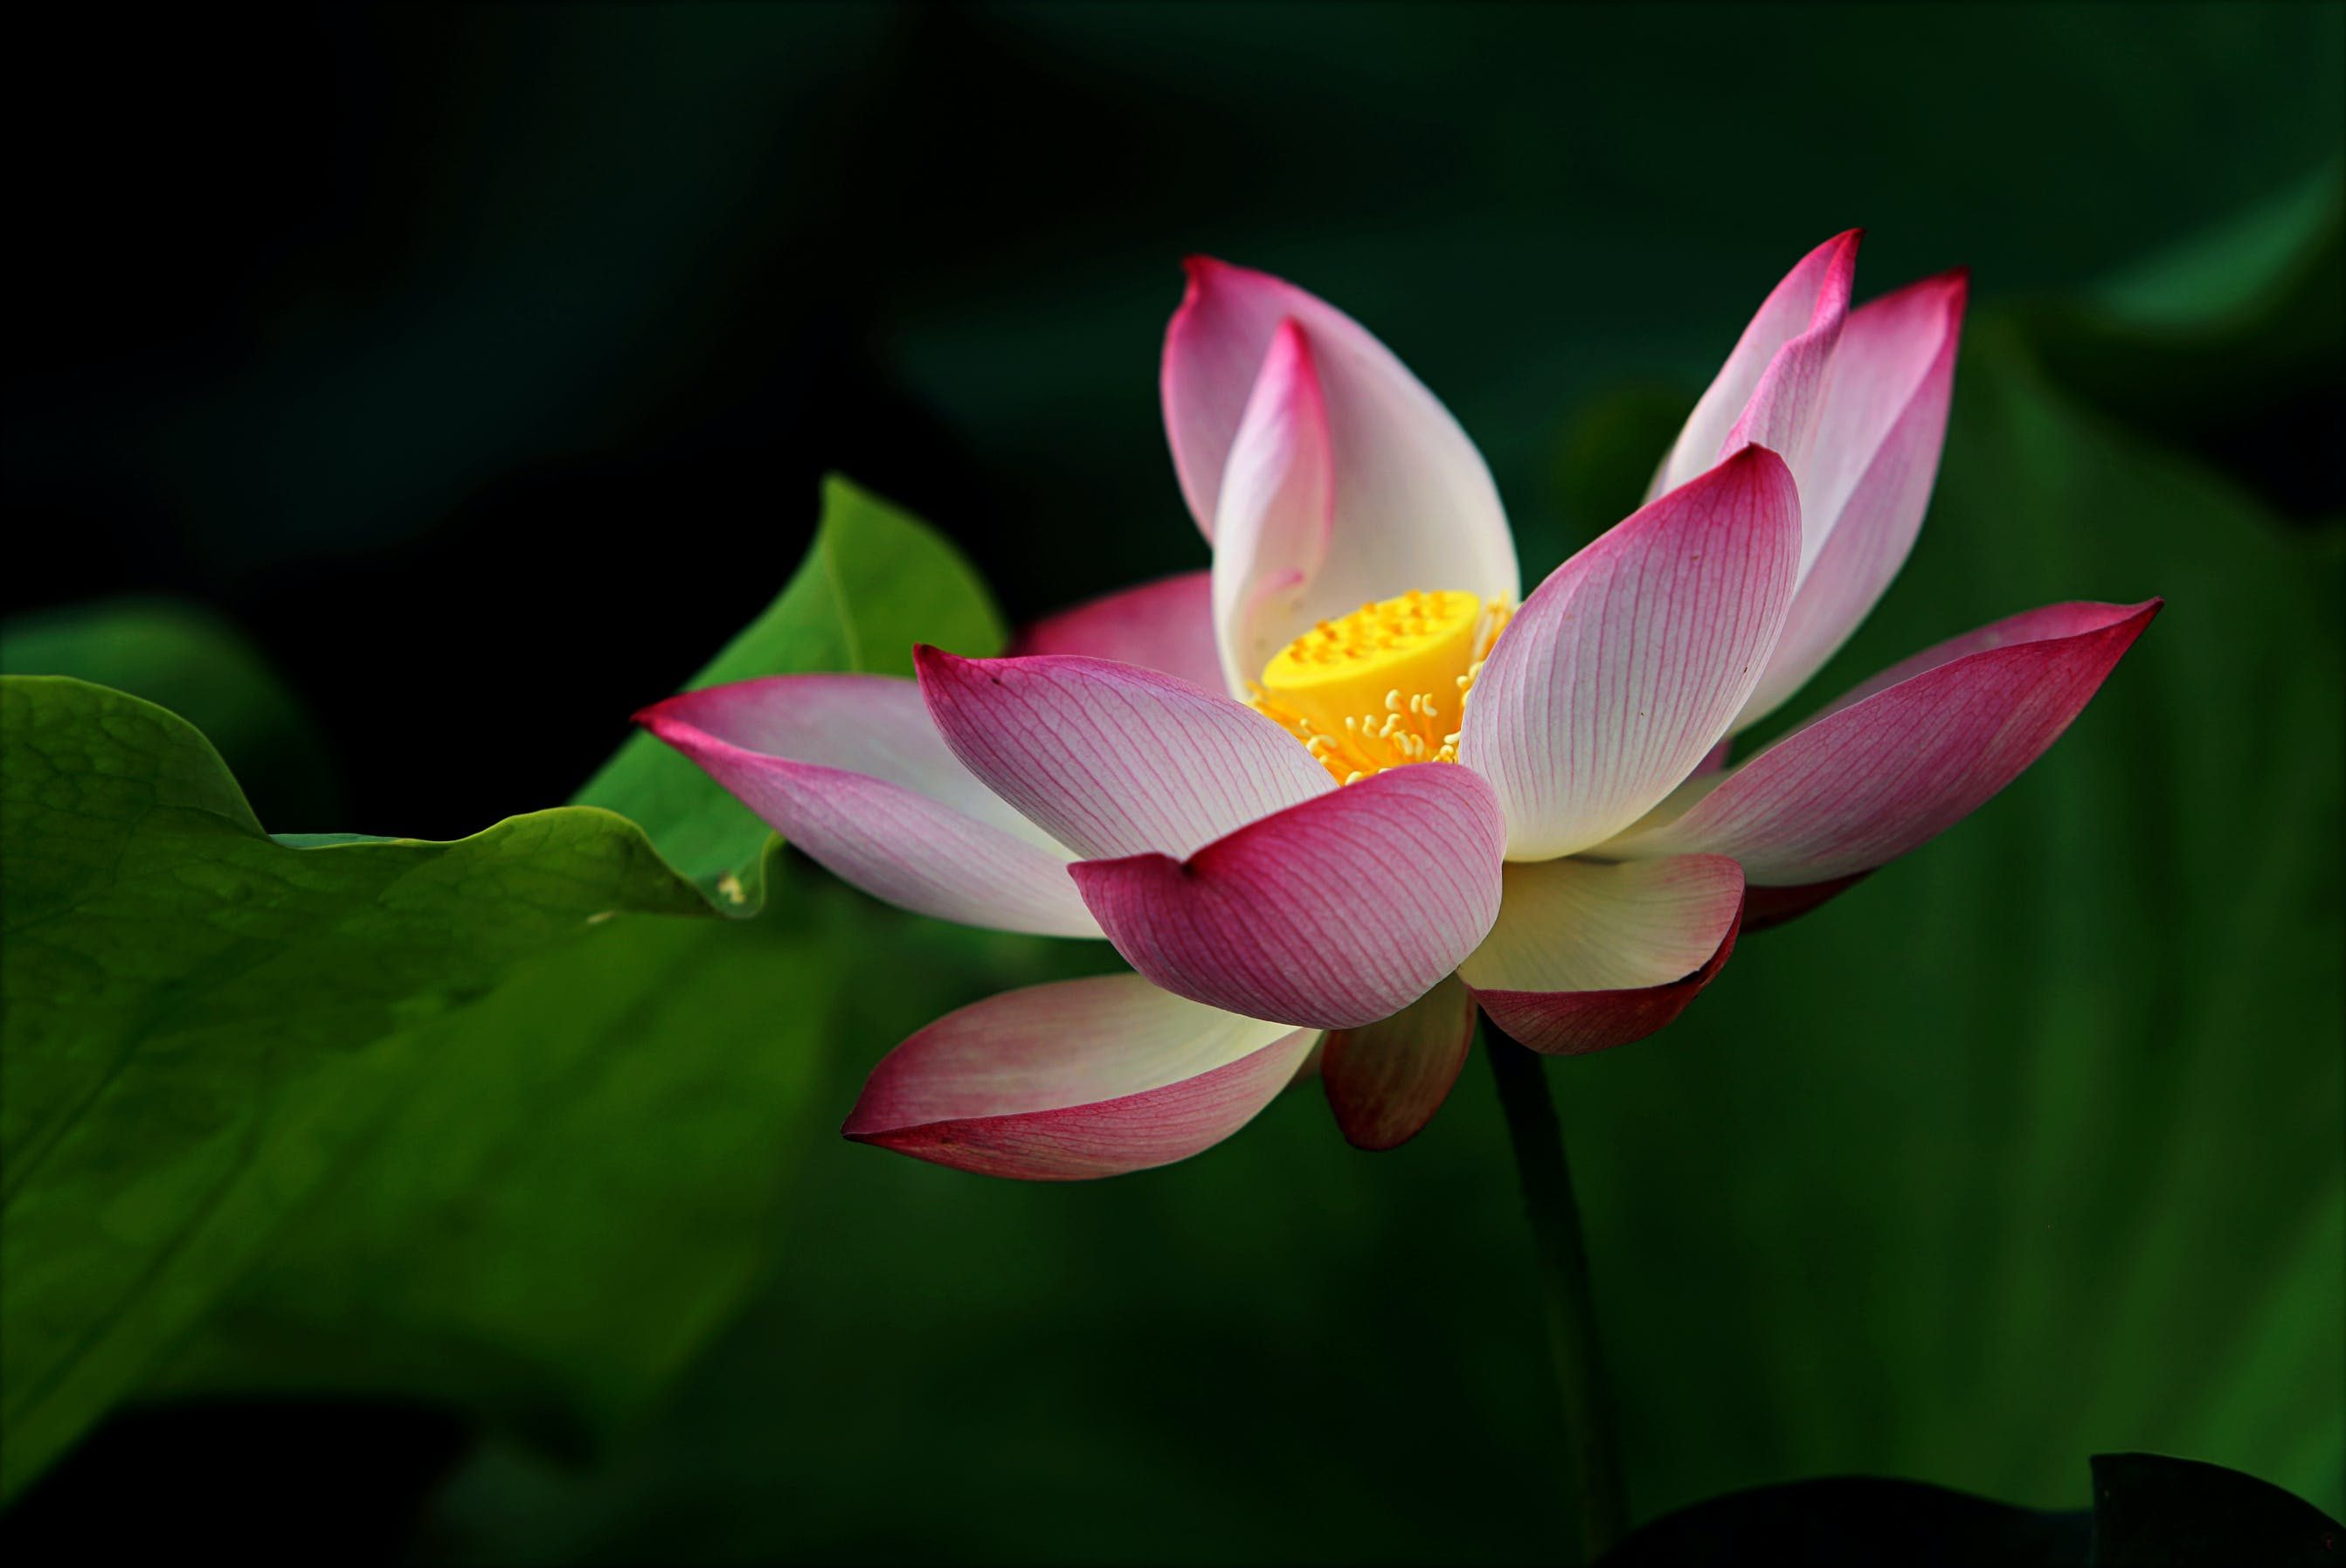 Gratis lagerfoto af blomst, blomstrende, Botanisk, close-up